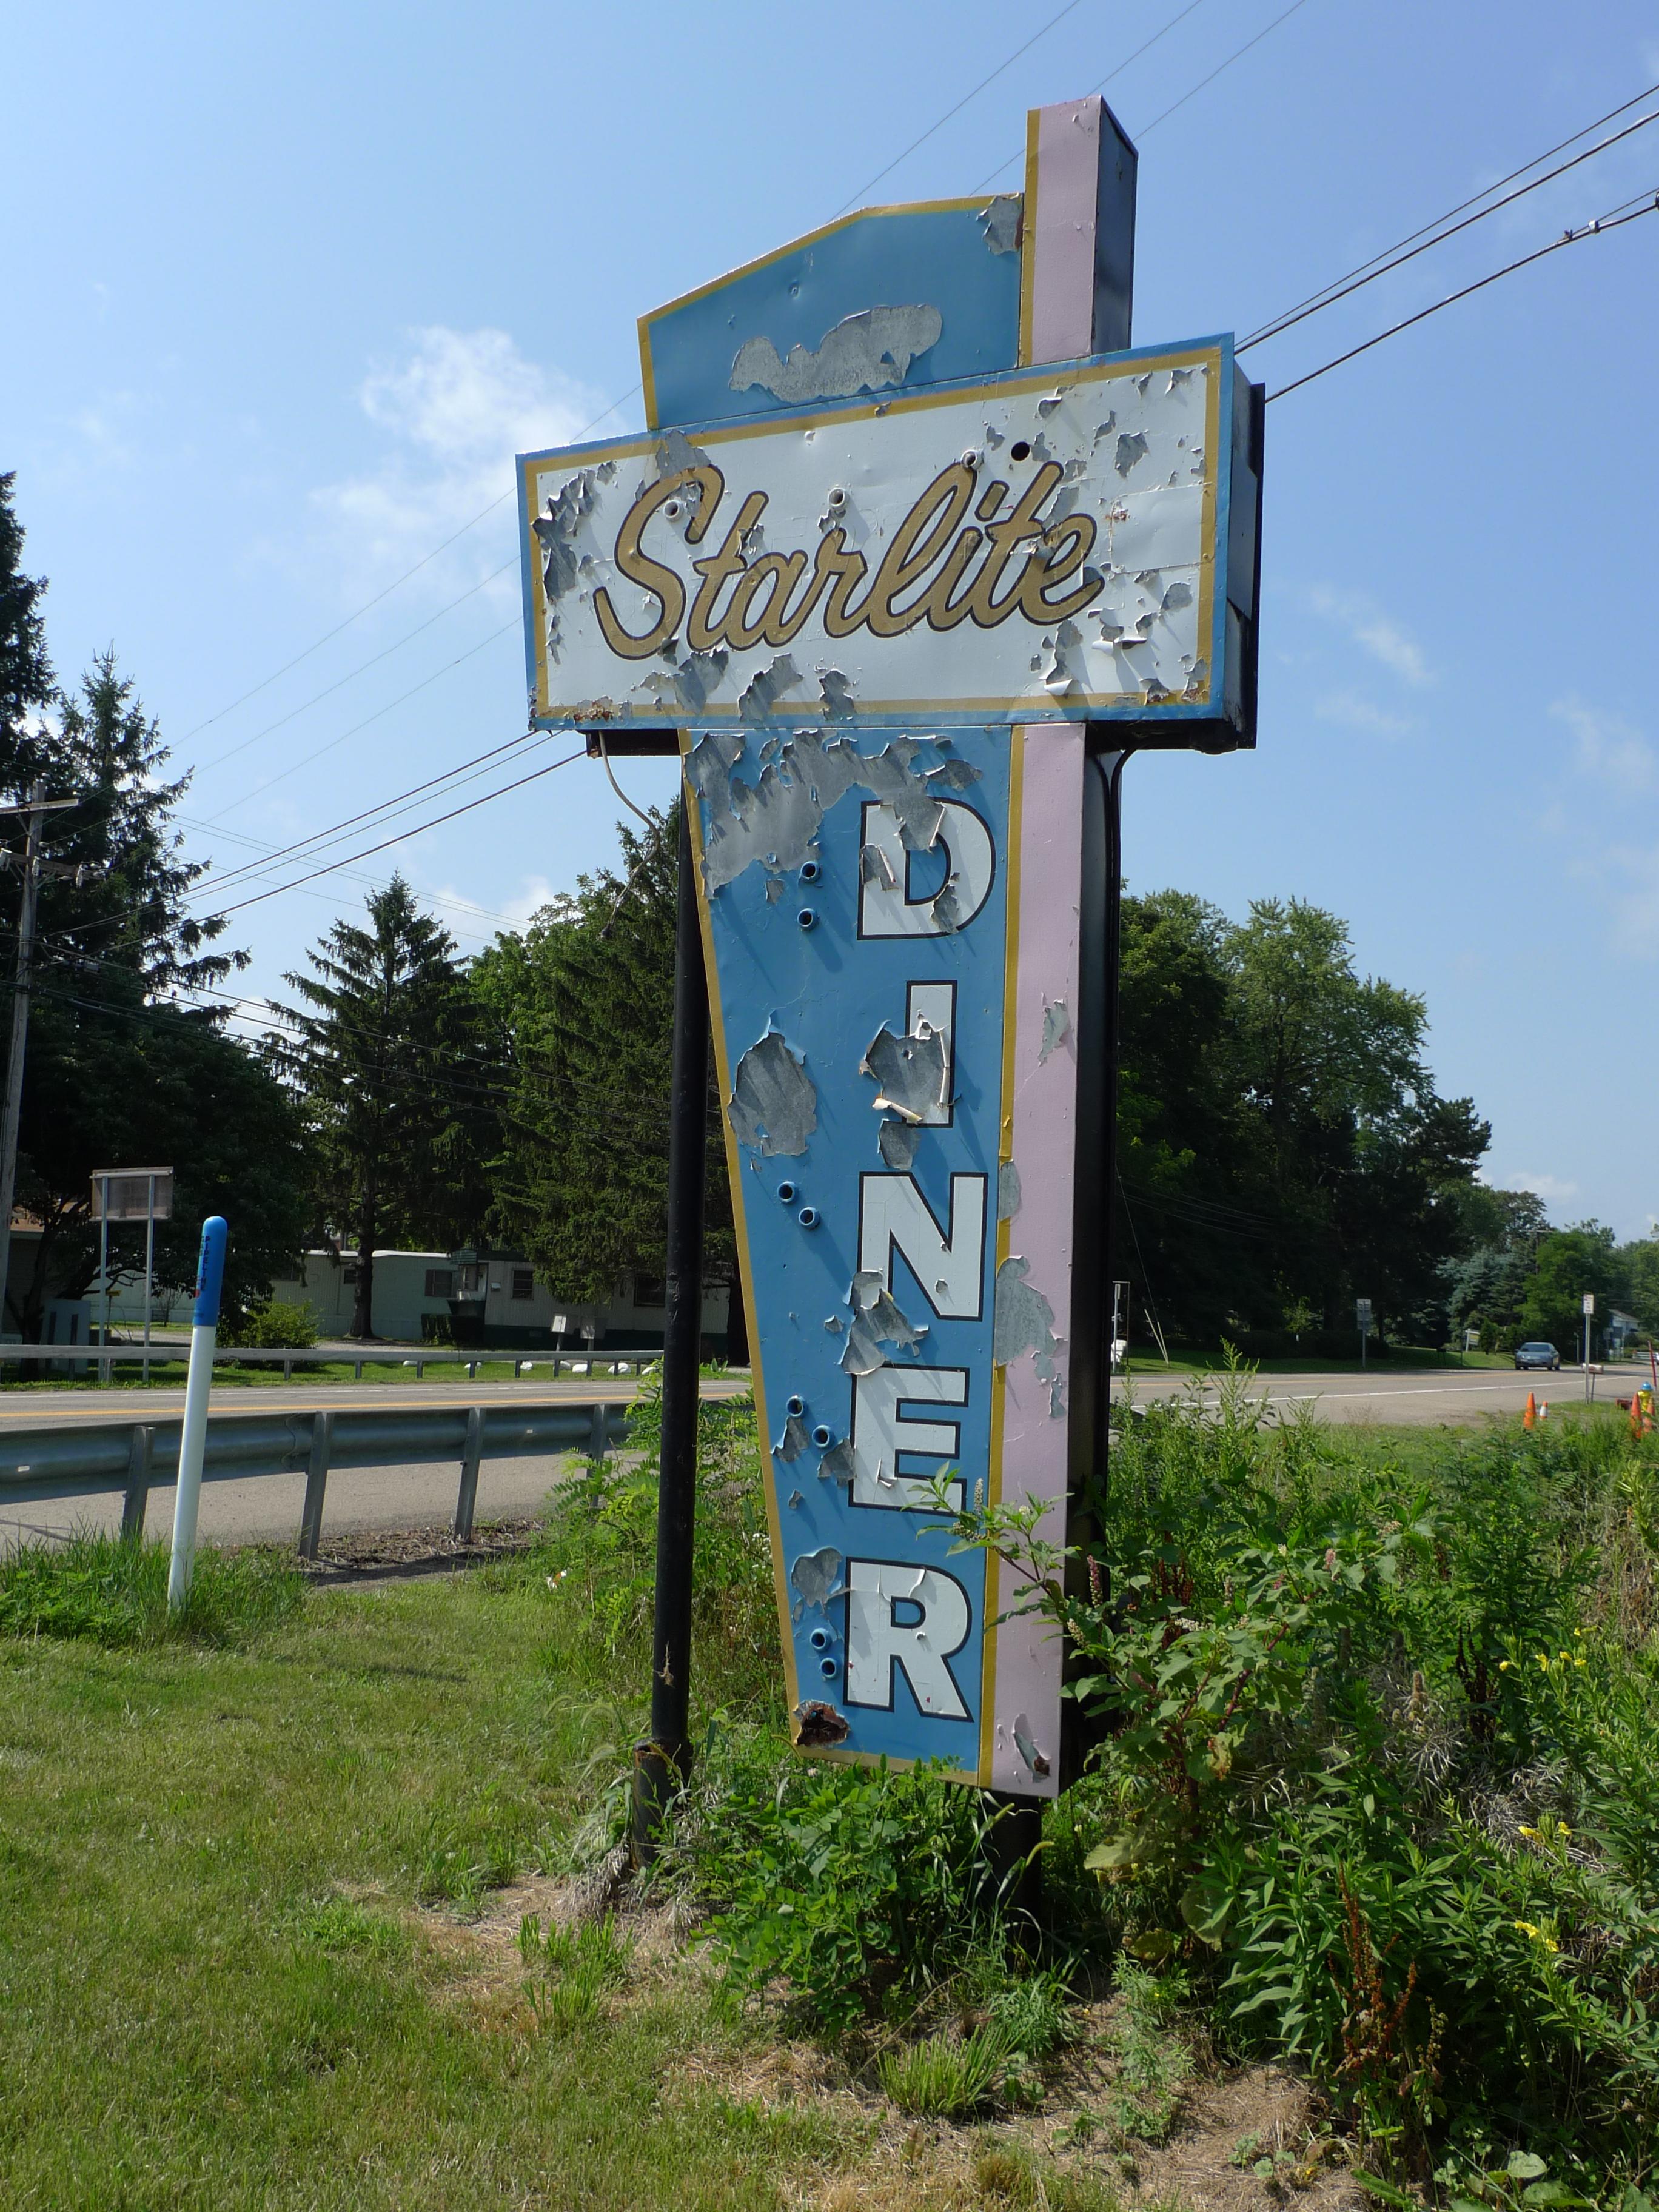 Starlite Diner - Westfield, New York U.S.A. - August 5, 2010